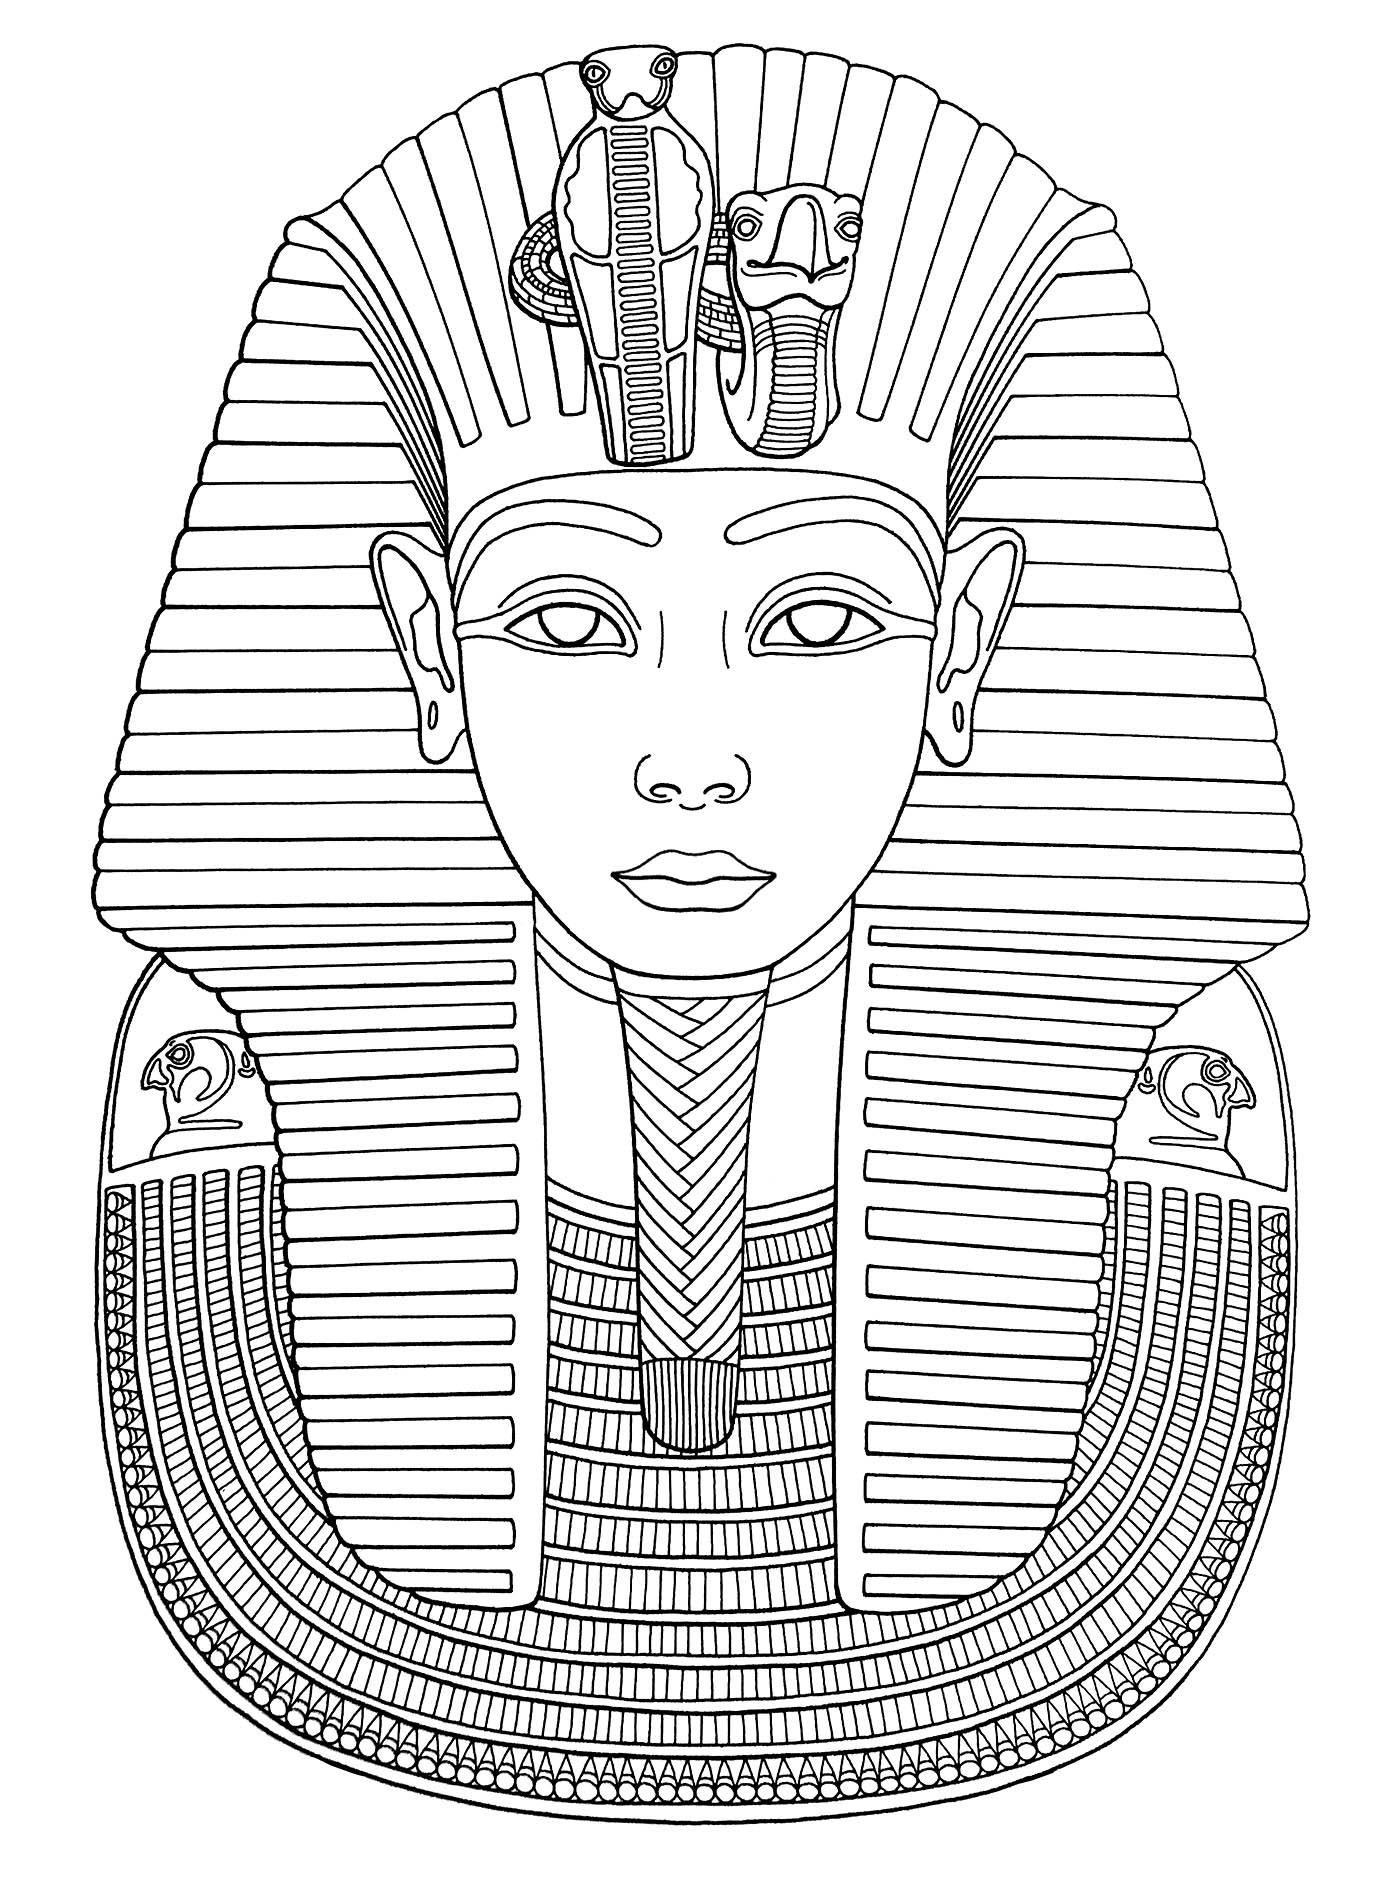 Le masque de Toutankhamon est un masque funéraire en or du pharaon égyptien Toutankhamon de la XVIIIe dynastie. Coloriez le !